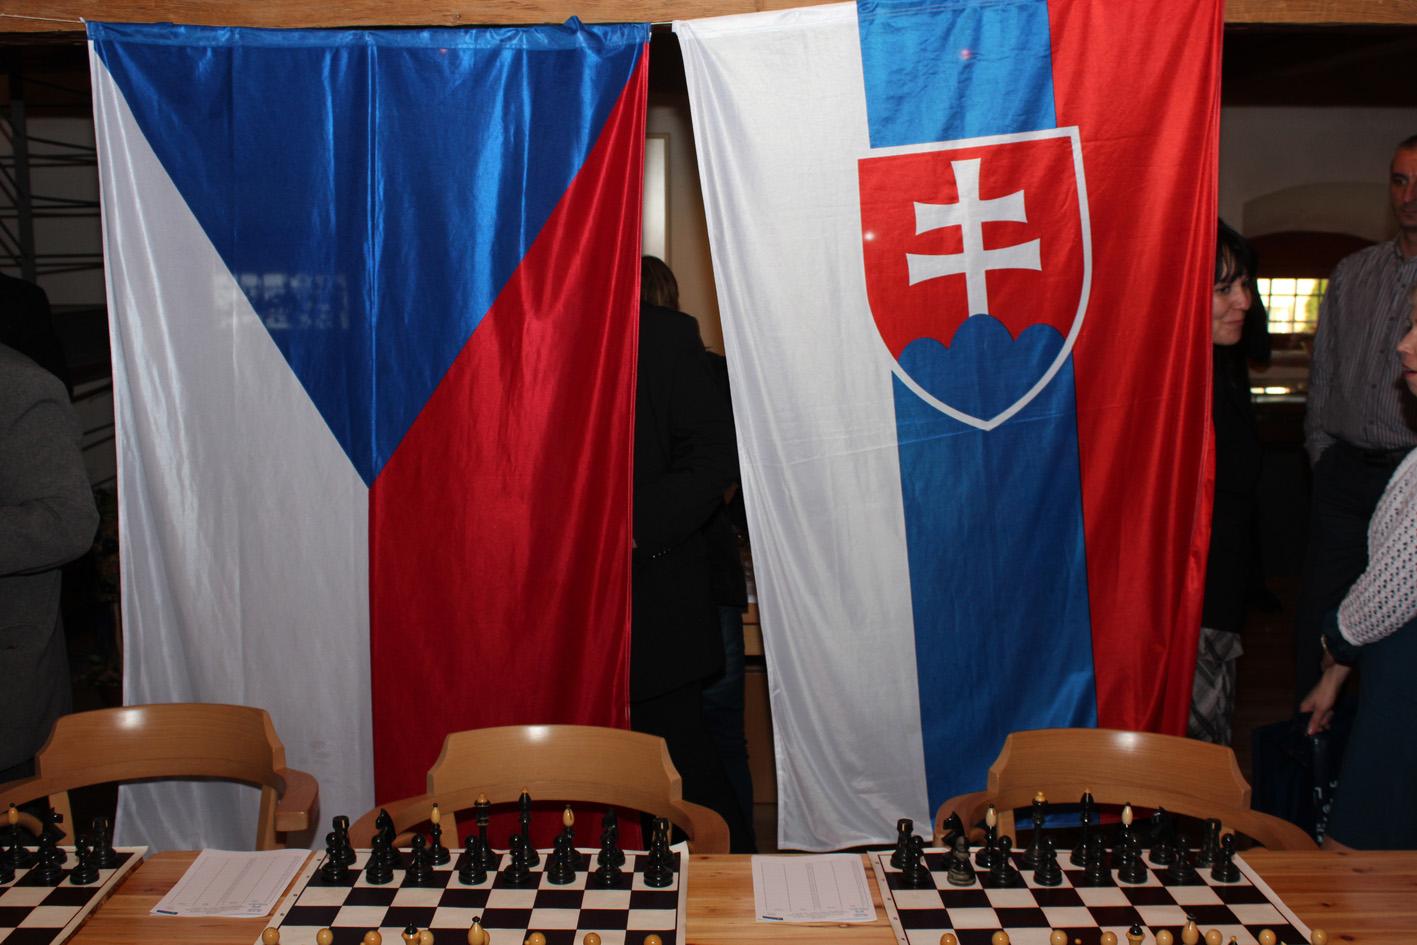 Oslava ČSR 2014